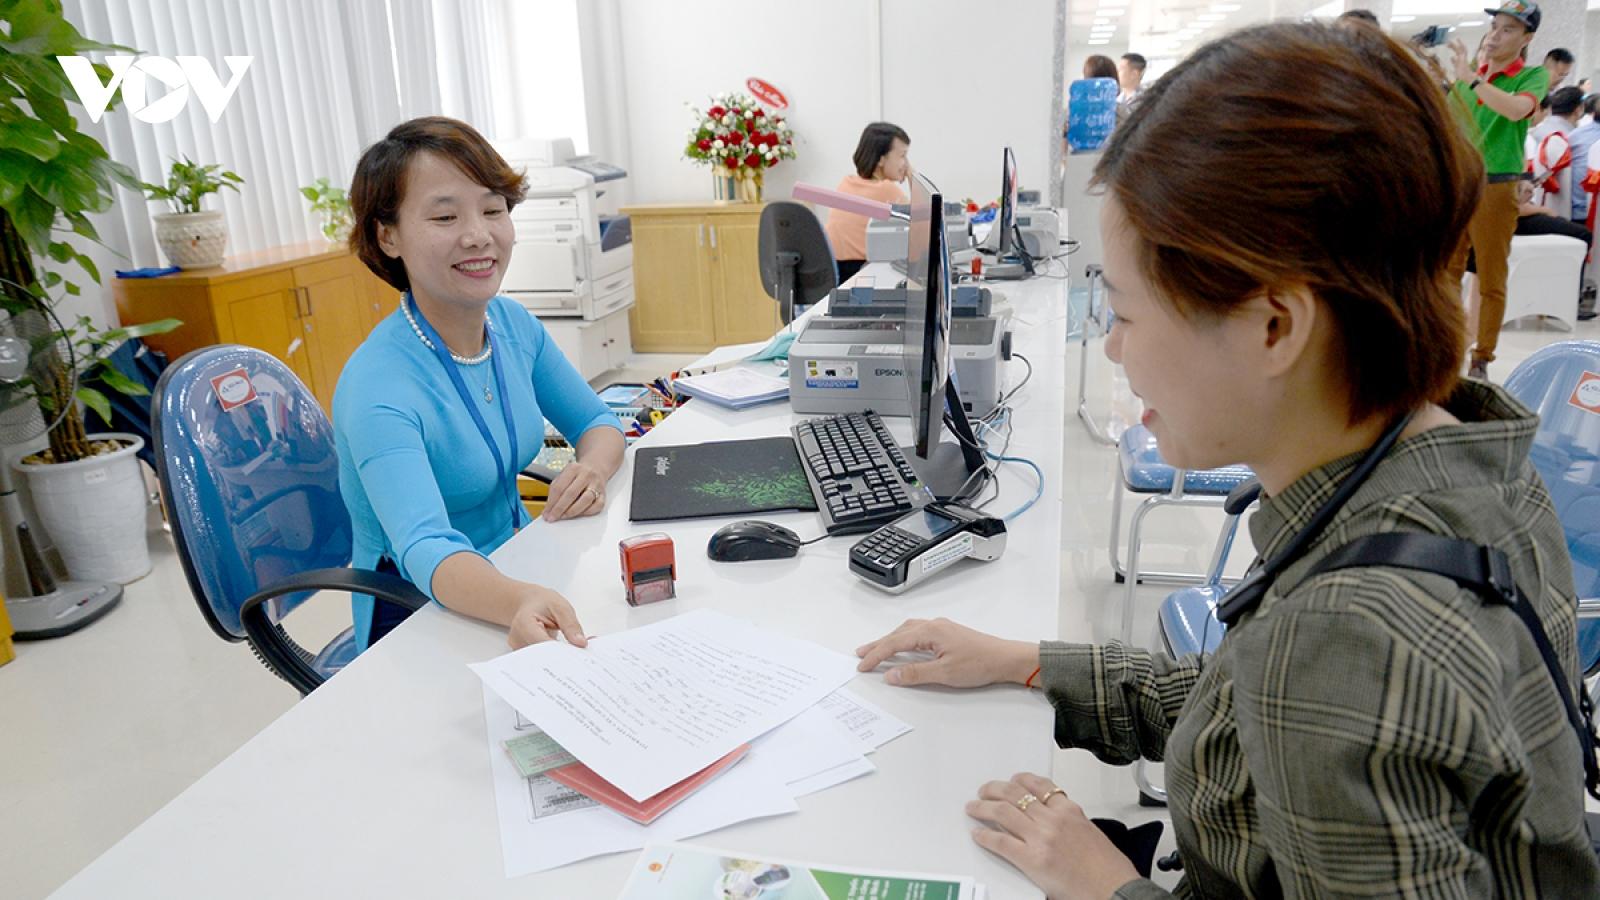 Quảng Ninh đầu bảng Chỉ số Hiệu quả quản trị và hành chính công cấp tỉnh PAPI 2020